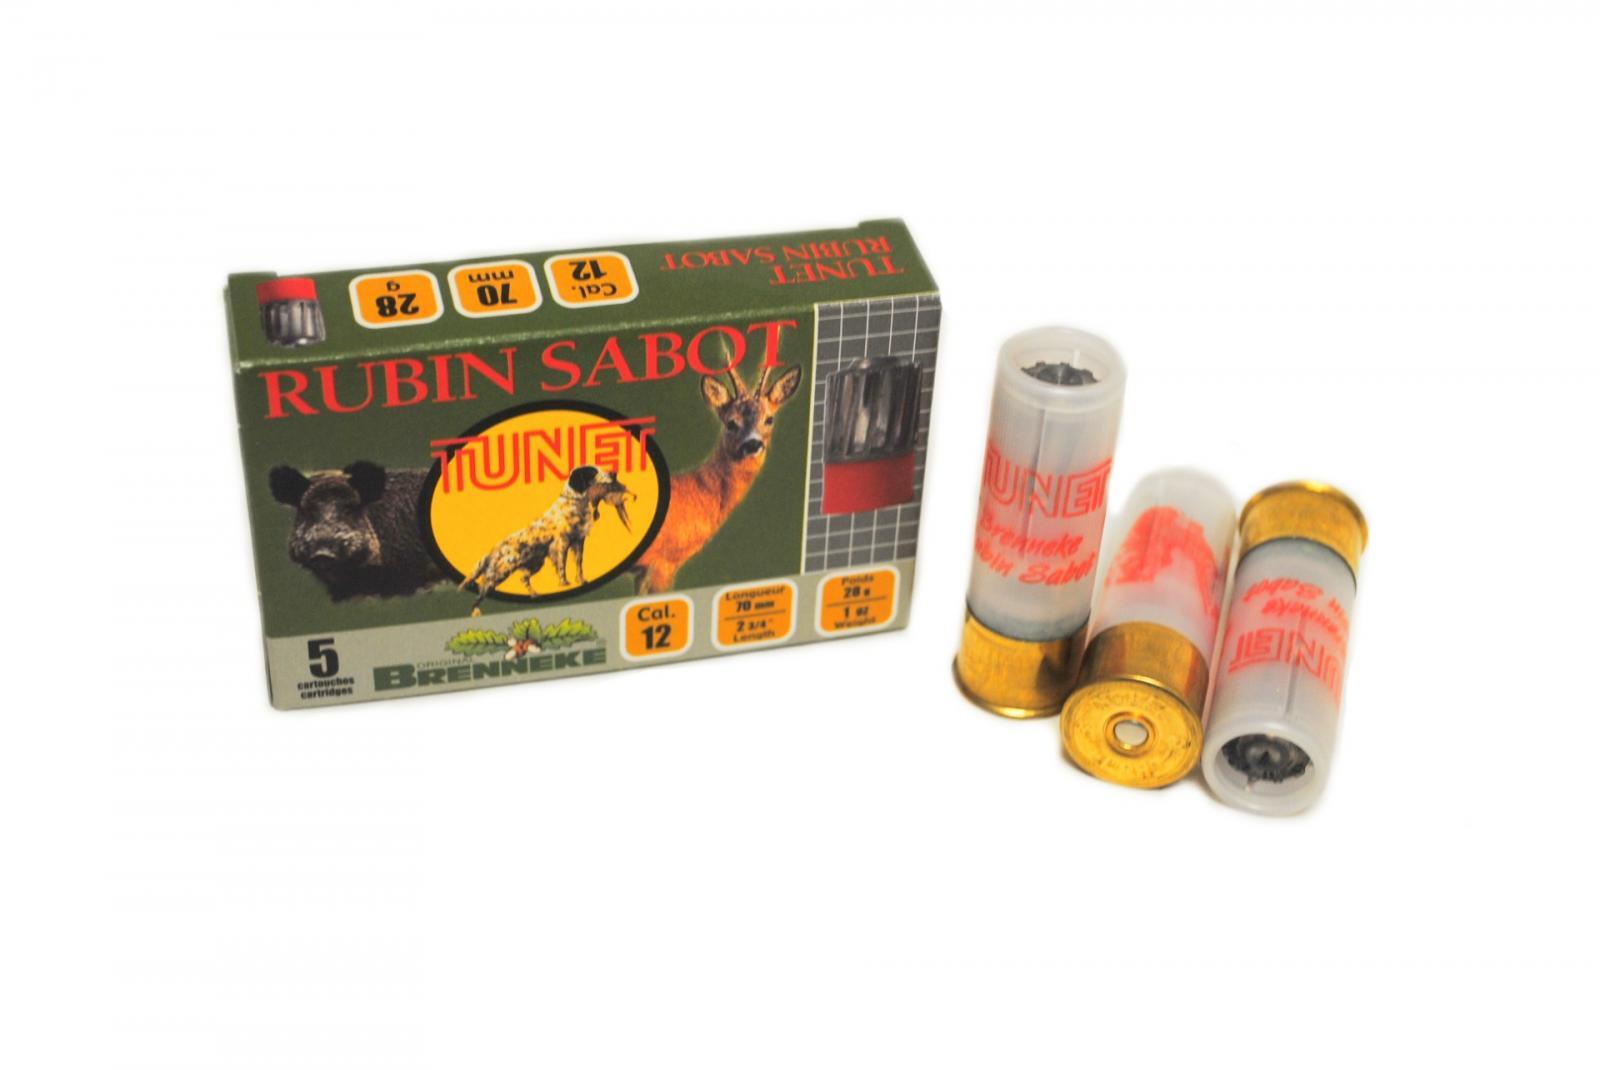 Boite de 5 balles RUBIN SABOT calibre 12 / 70 RUBIN